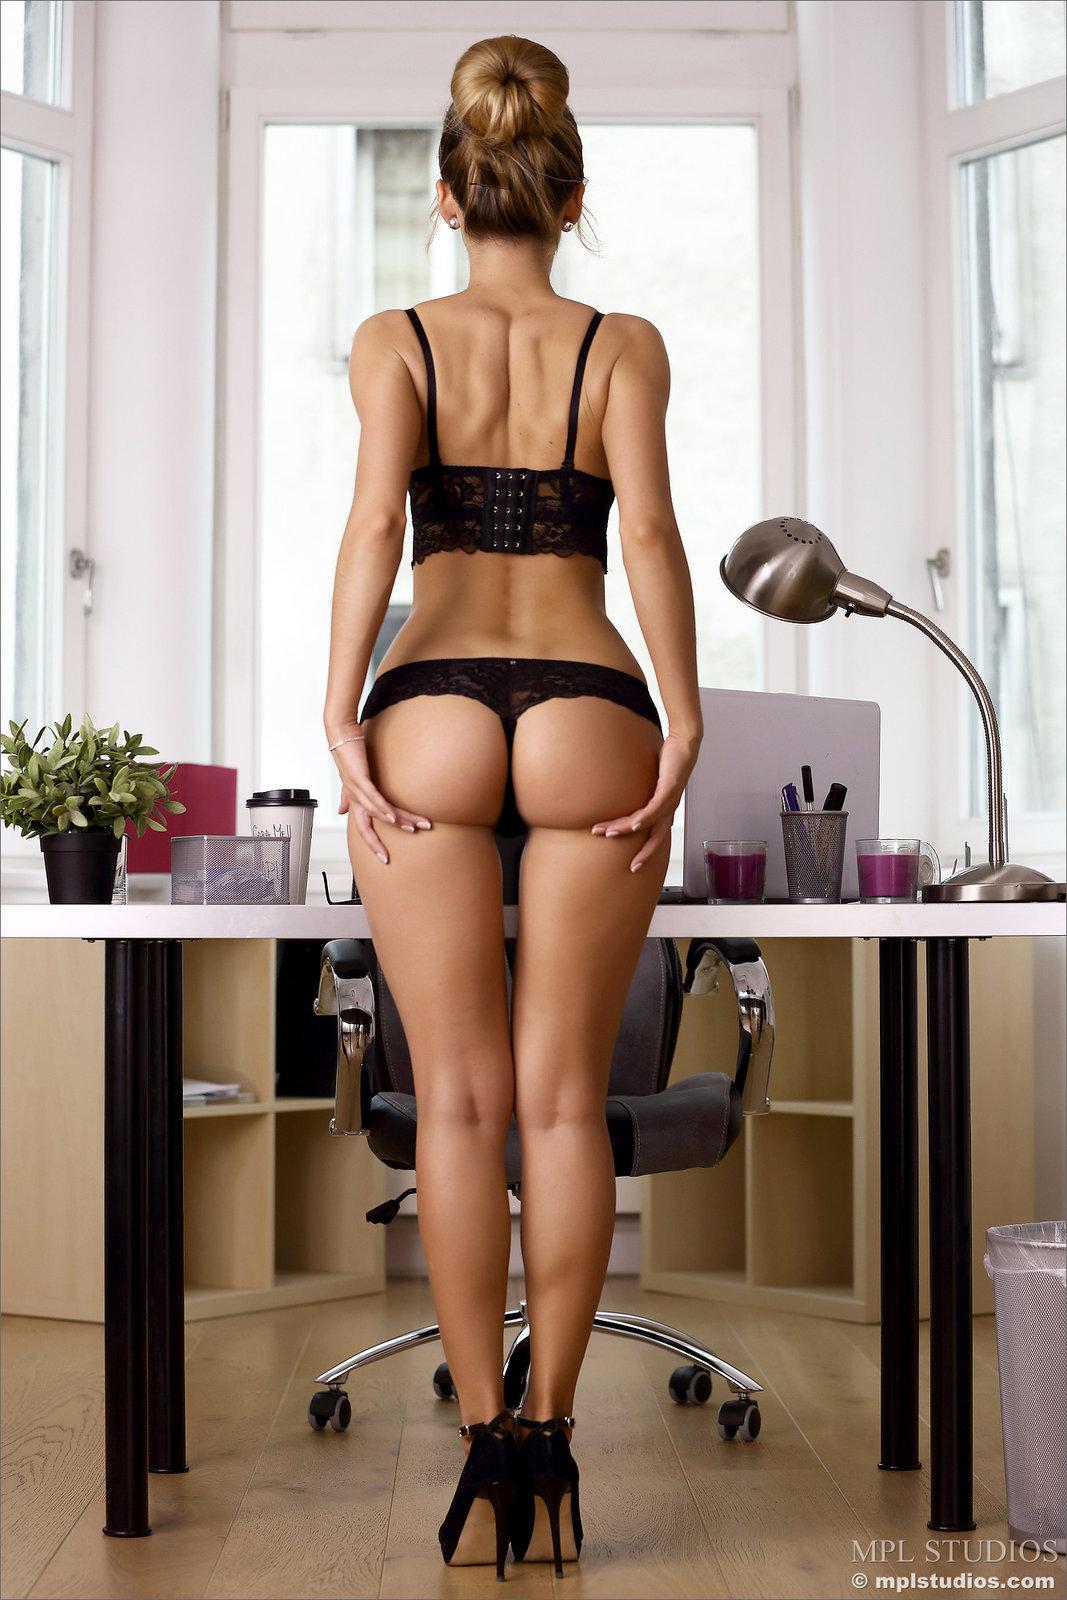 Zdjęcie porno - 1019 - Seksowna sekretarka